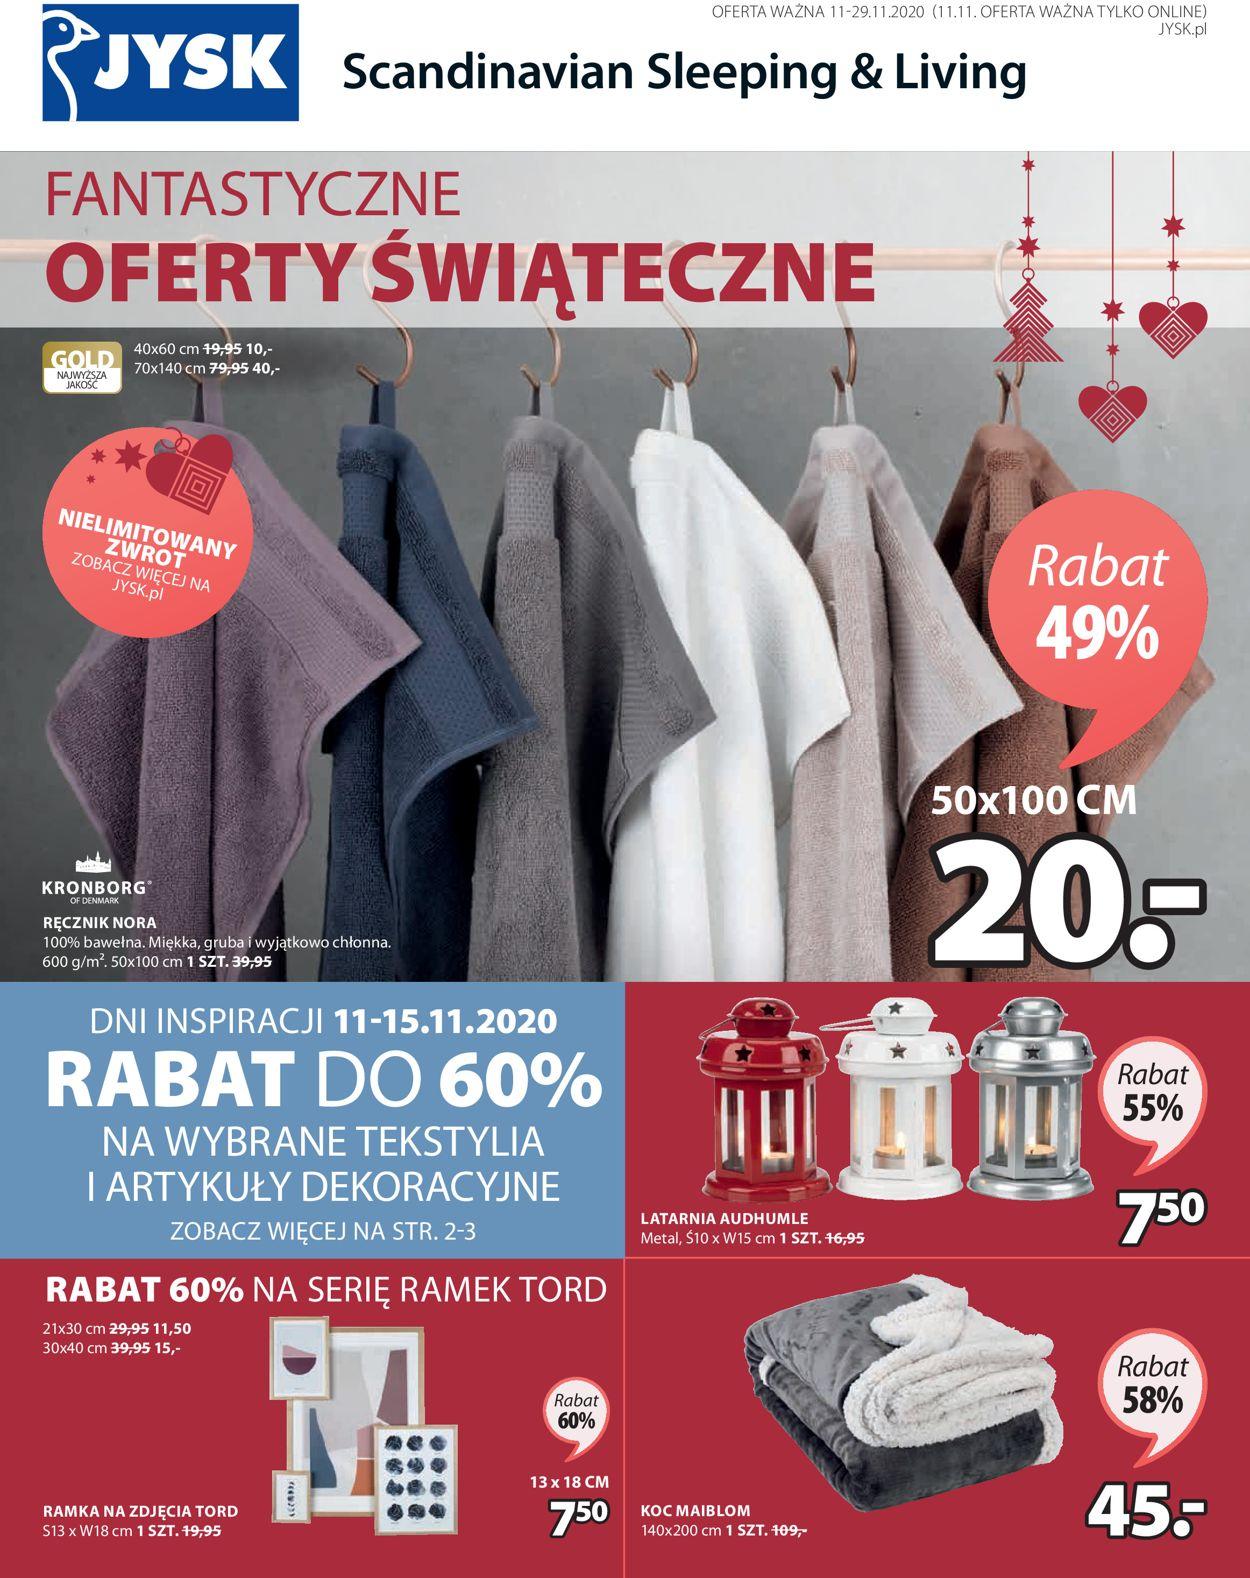 Gazetka promocyjna JYSK Oferty Świąteczne - 11.11-29.11.2020